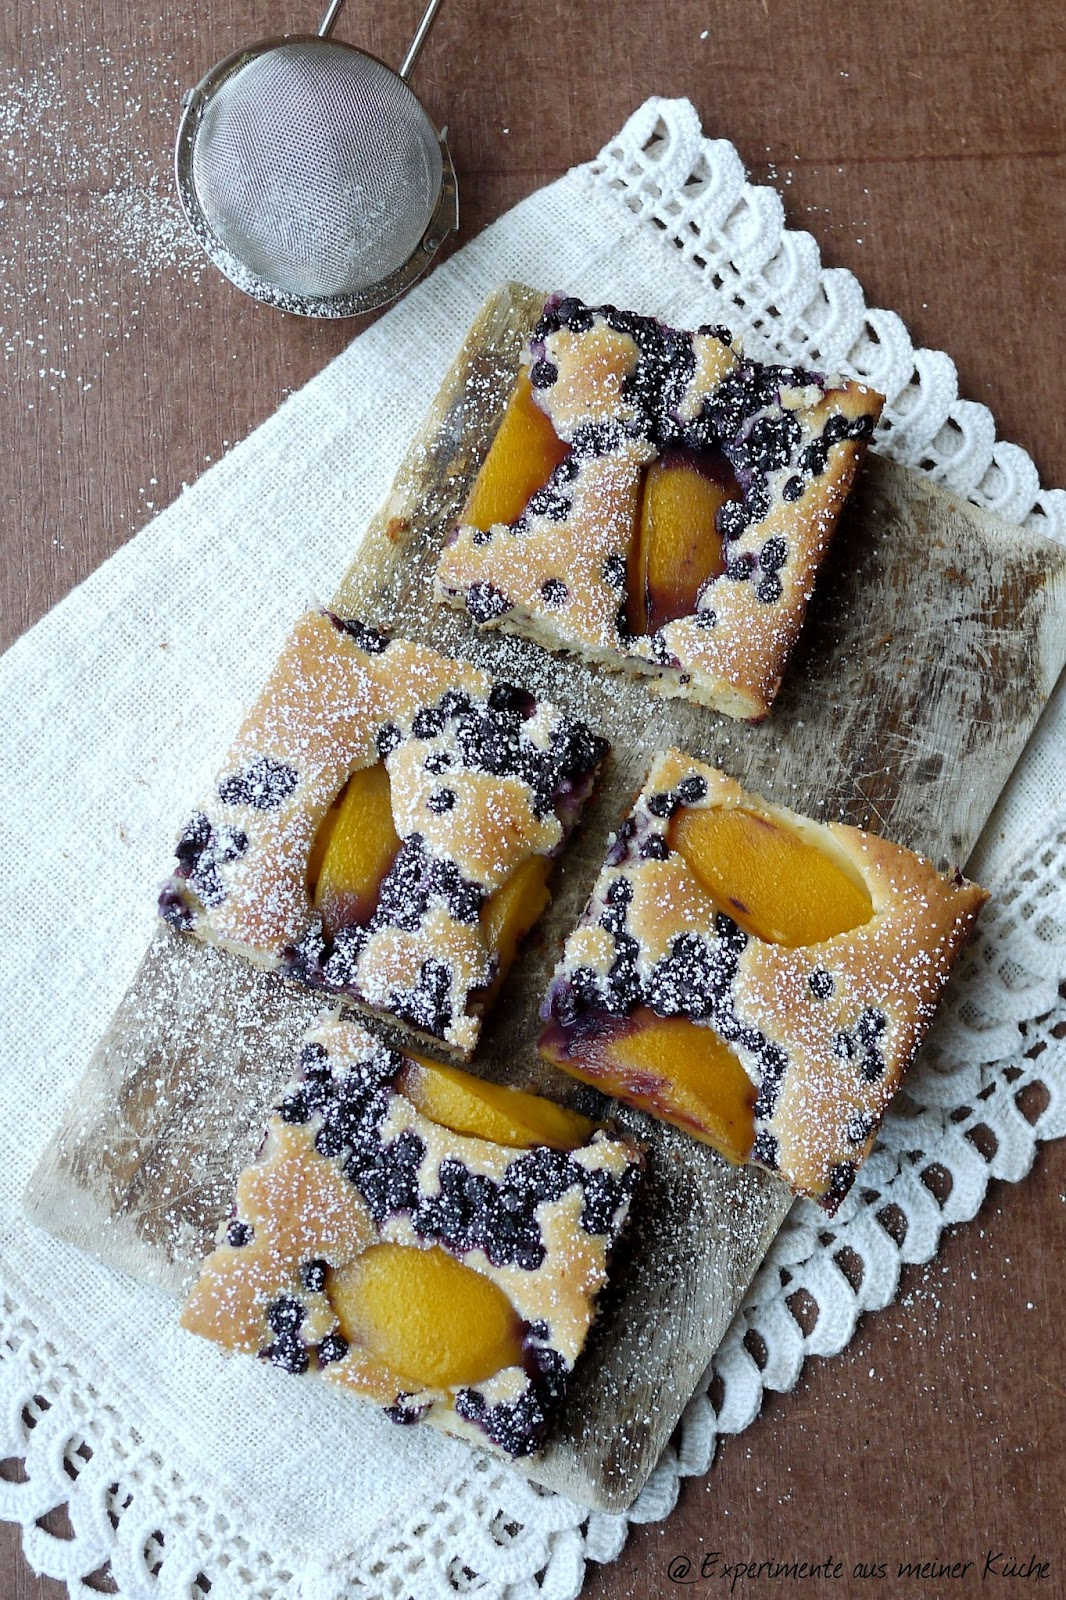 Experimente aus meiner Küche: Buttermilch-Joghurt-Kuchen mit Pfirsich und Heidelbeeren